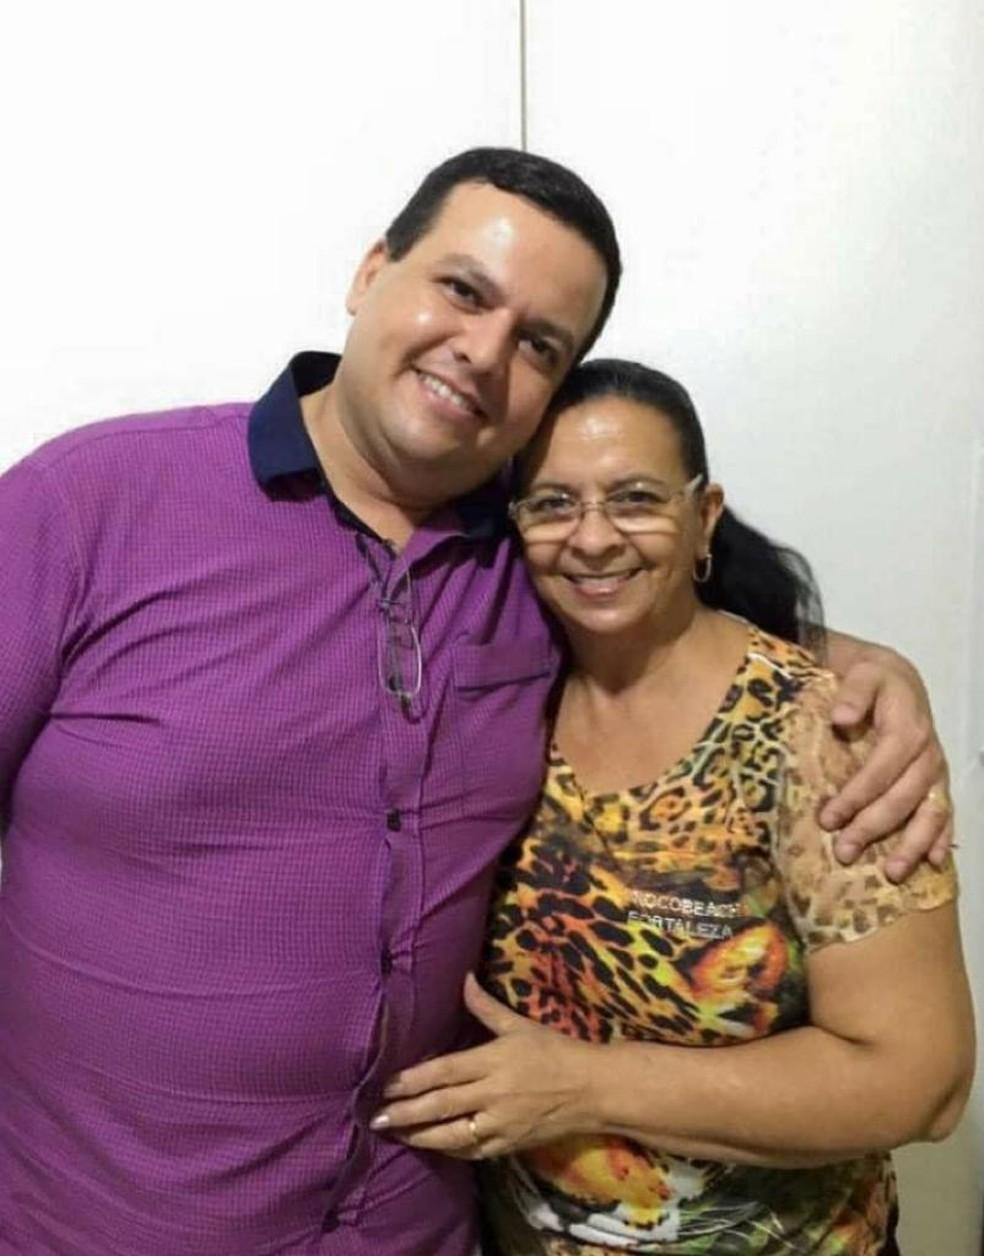 Nilma Baracat, de 62 anos, e o filho dela, o médico Marcel Baracat, de 39 anos, morreram por Covid-19 no mesmo dia em Cuiabá — Foto: Arquivo pessoal